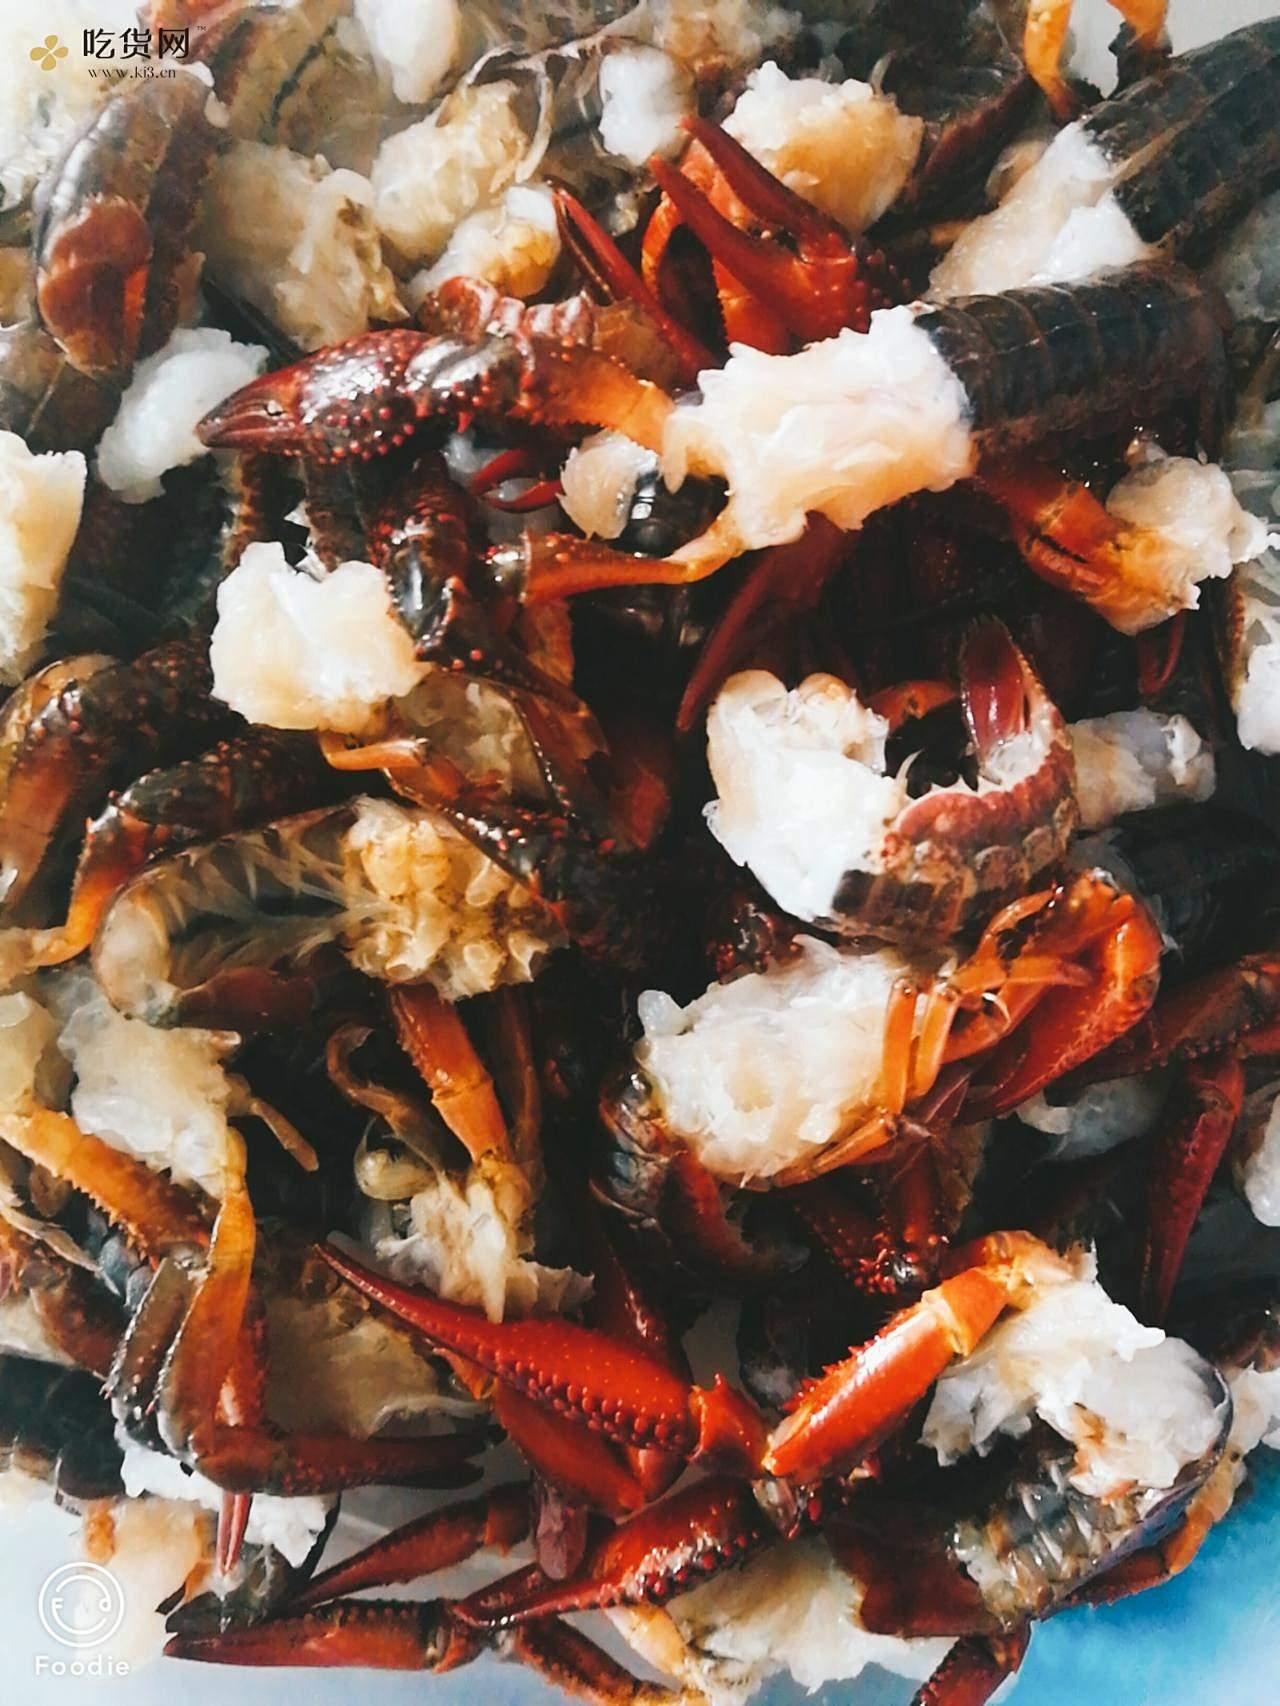 夏日夜宵(2)——麻辣小龙虾、糖醋小龙虾的做法 步骤1